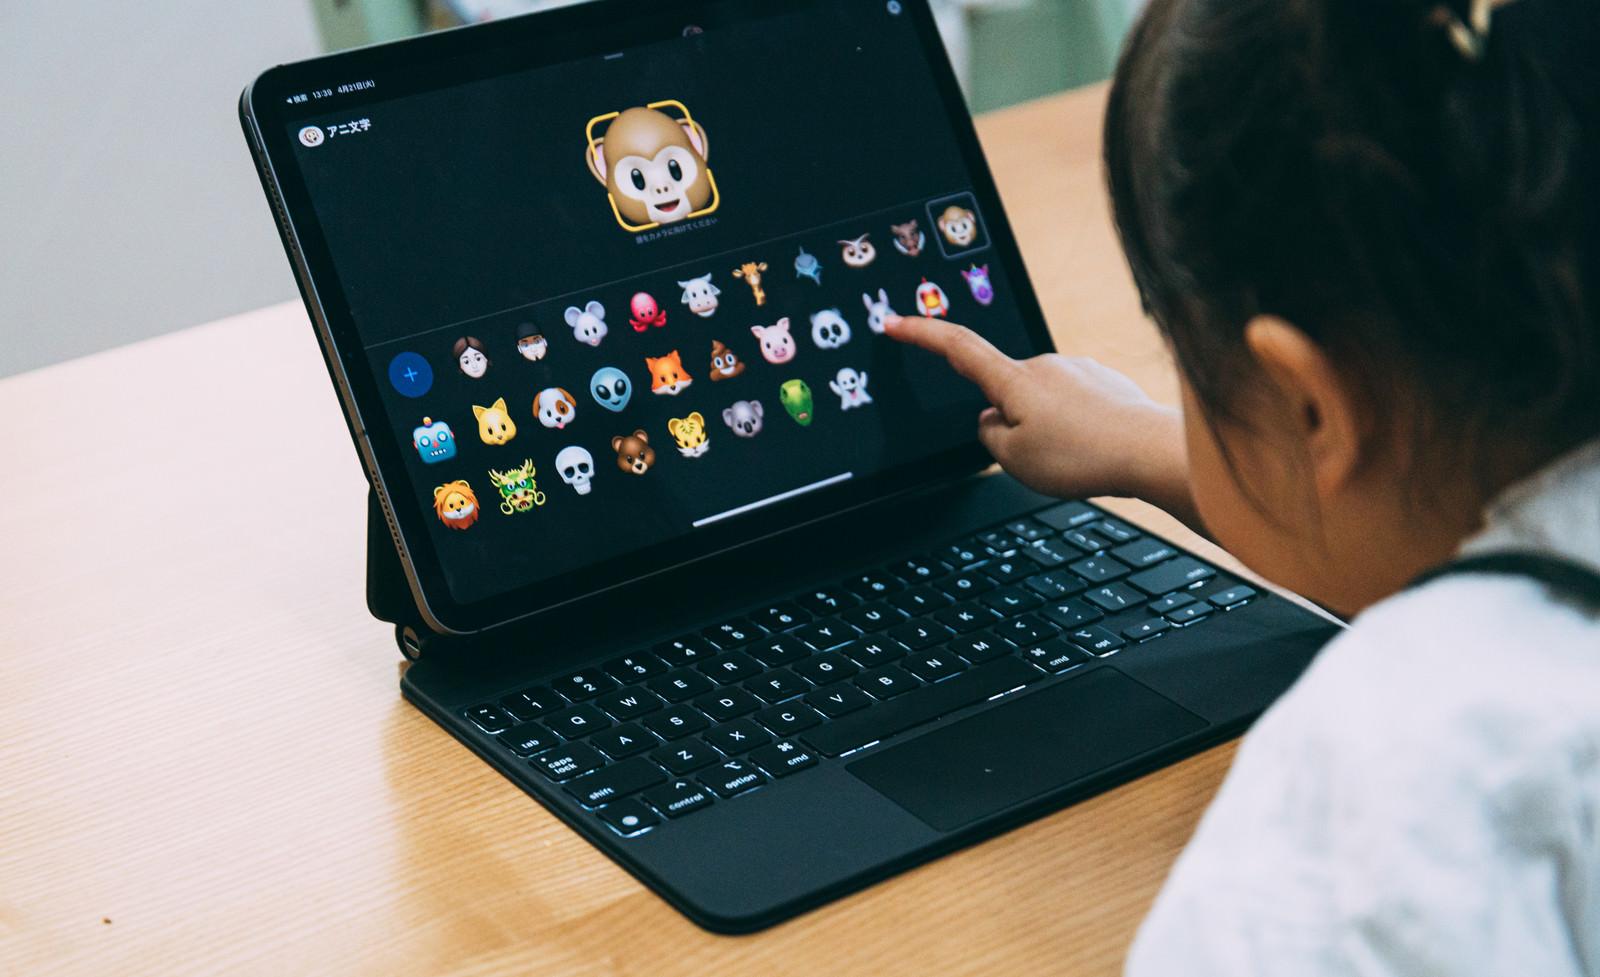 「アニ文字に興味津々の娘(iPad)」の写真